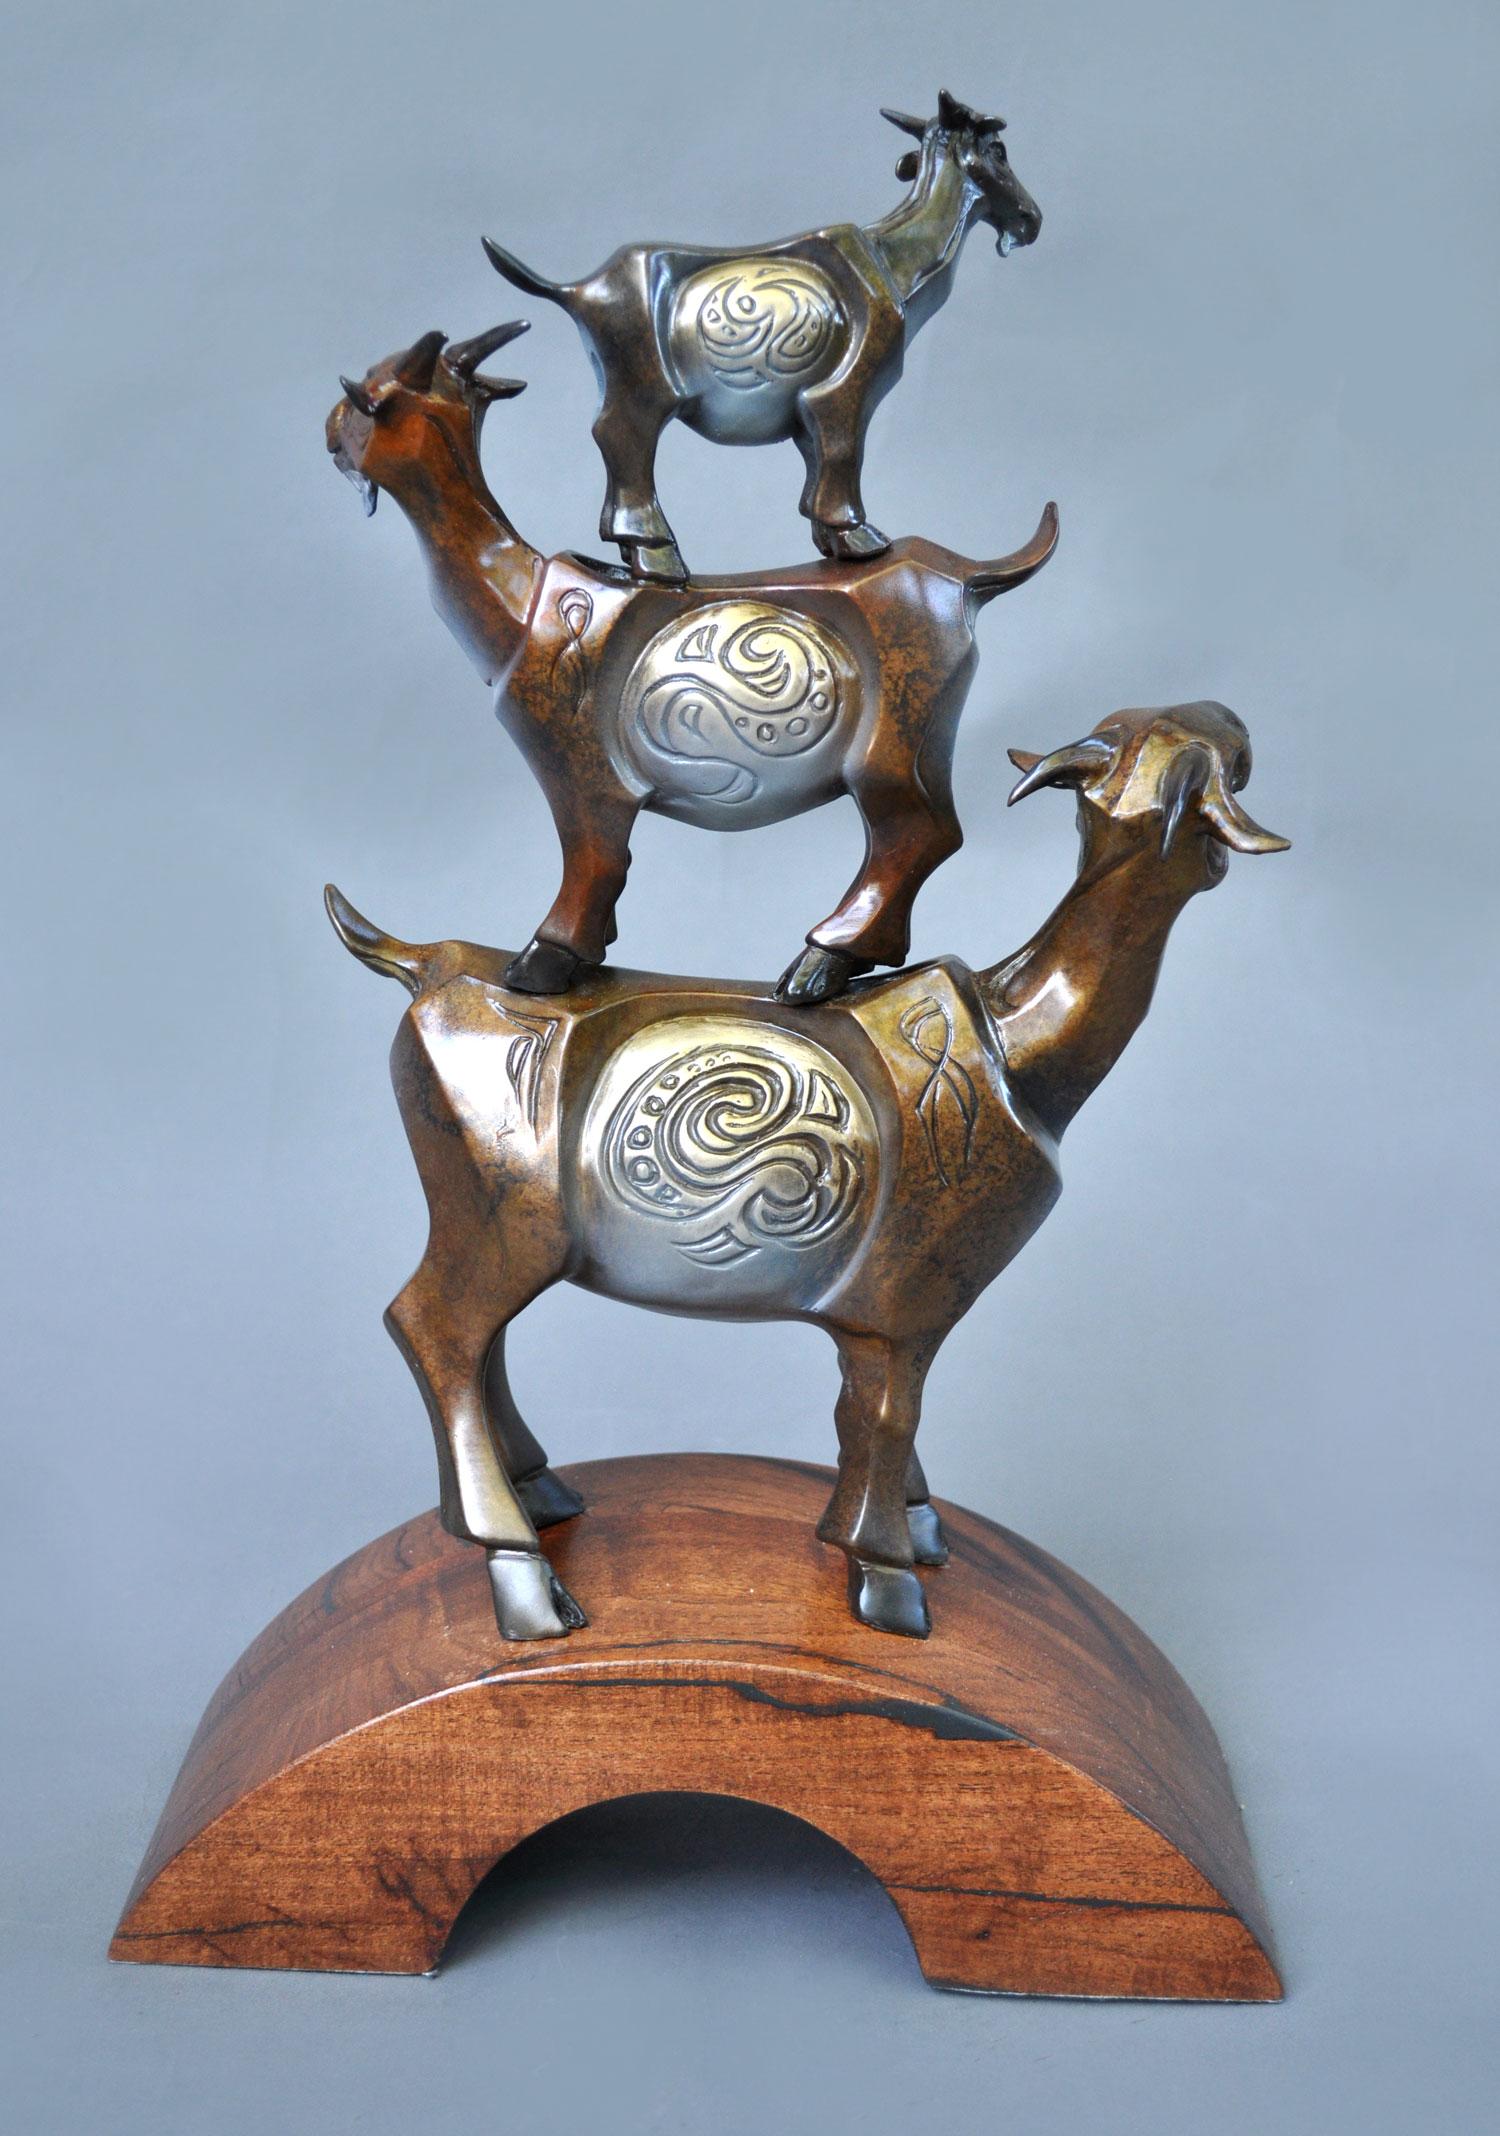 bronze-goats-sculpture-john-maisano-5.jpg